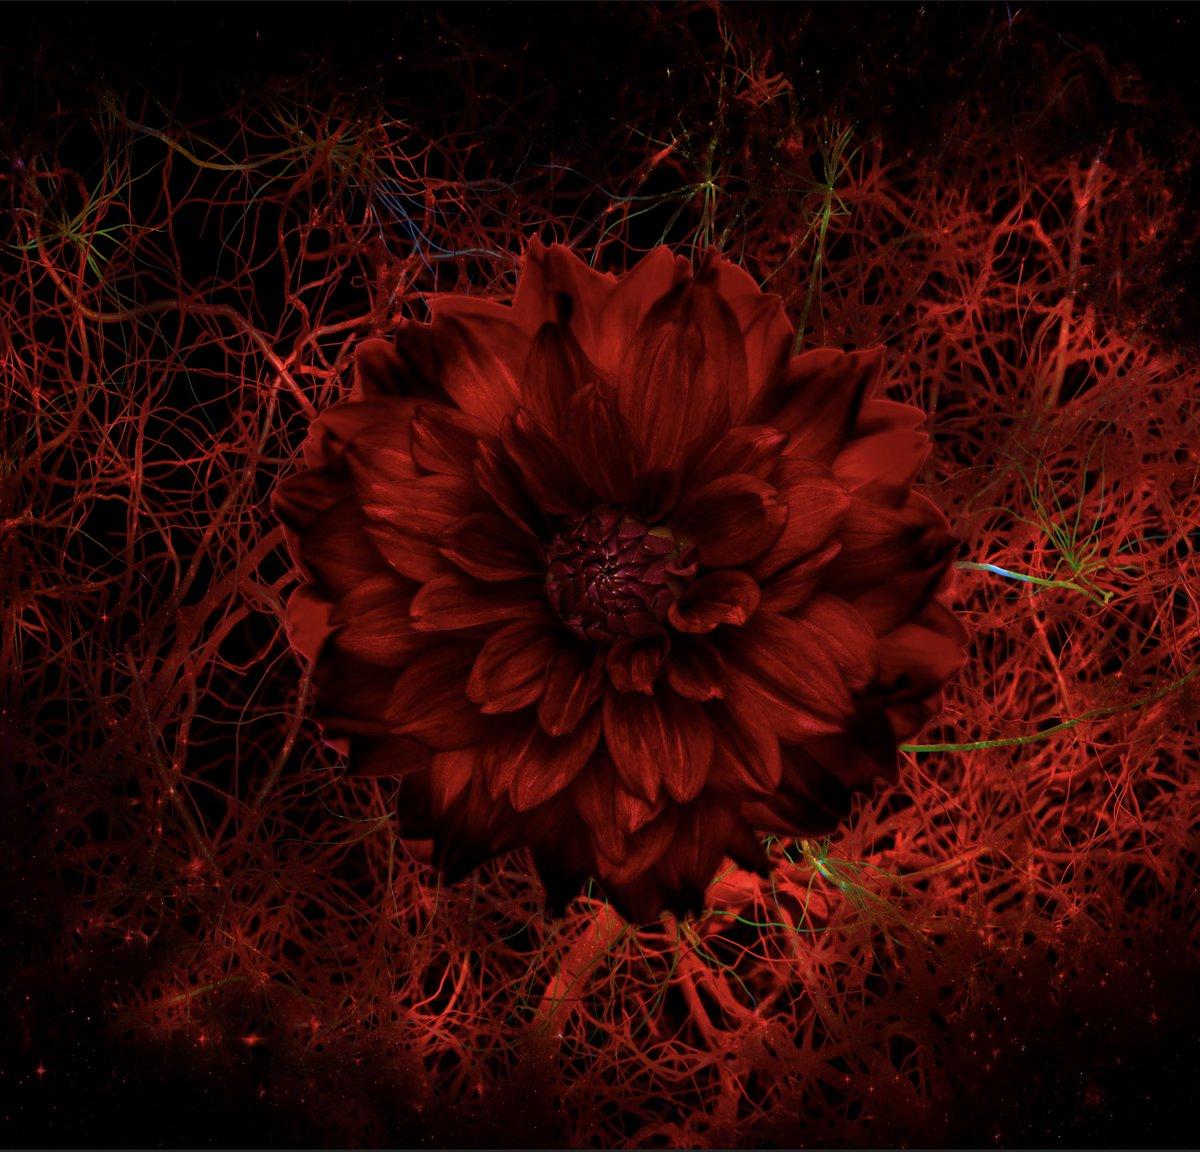 【先行配信】7/3(火)0:00よりMIGMA SHELTER Newシングル『Names』先行配信❗️宇宙最速で未公開音源「Spider Line」「69」も公開🌎・iTunes・Apple Music